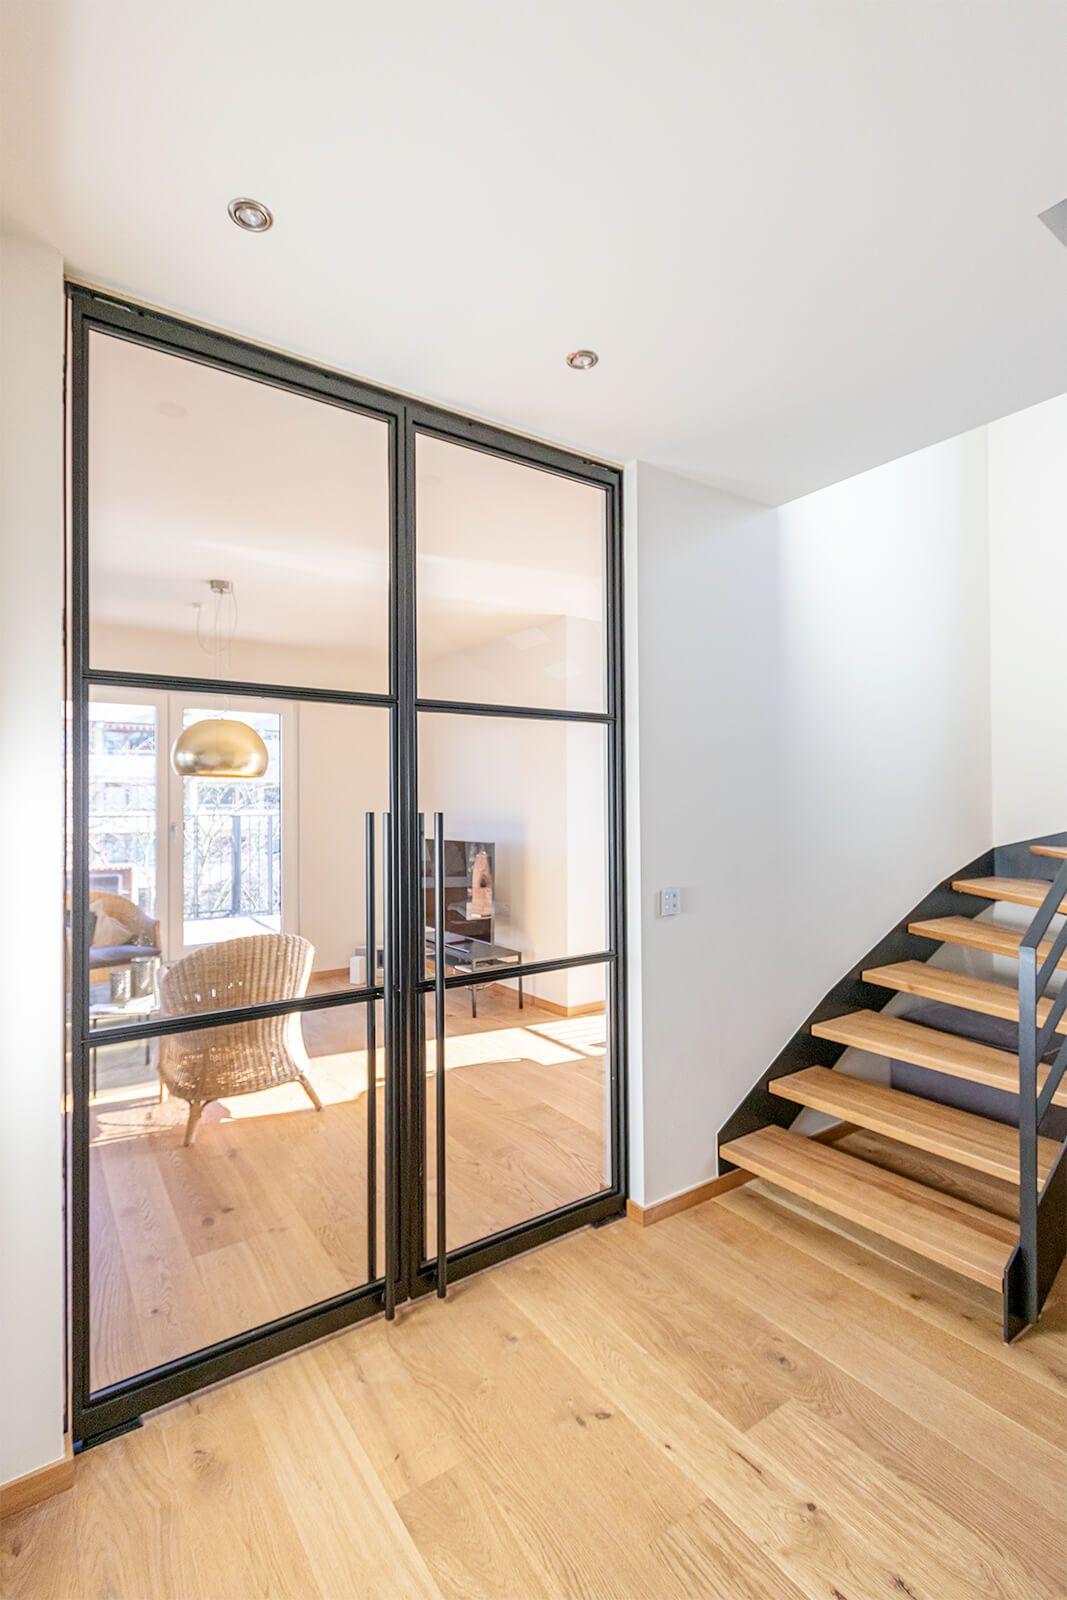 Stahl Loft Doppeltür – Schwingtür – Lofttür aus Glas und Stahl – Raumtrenner